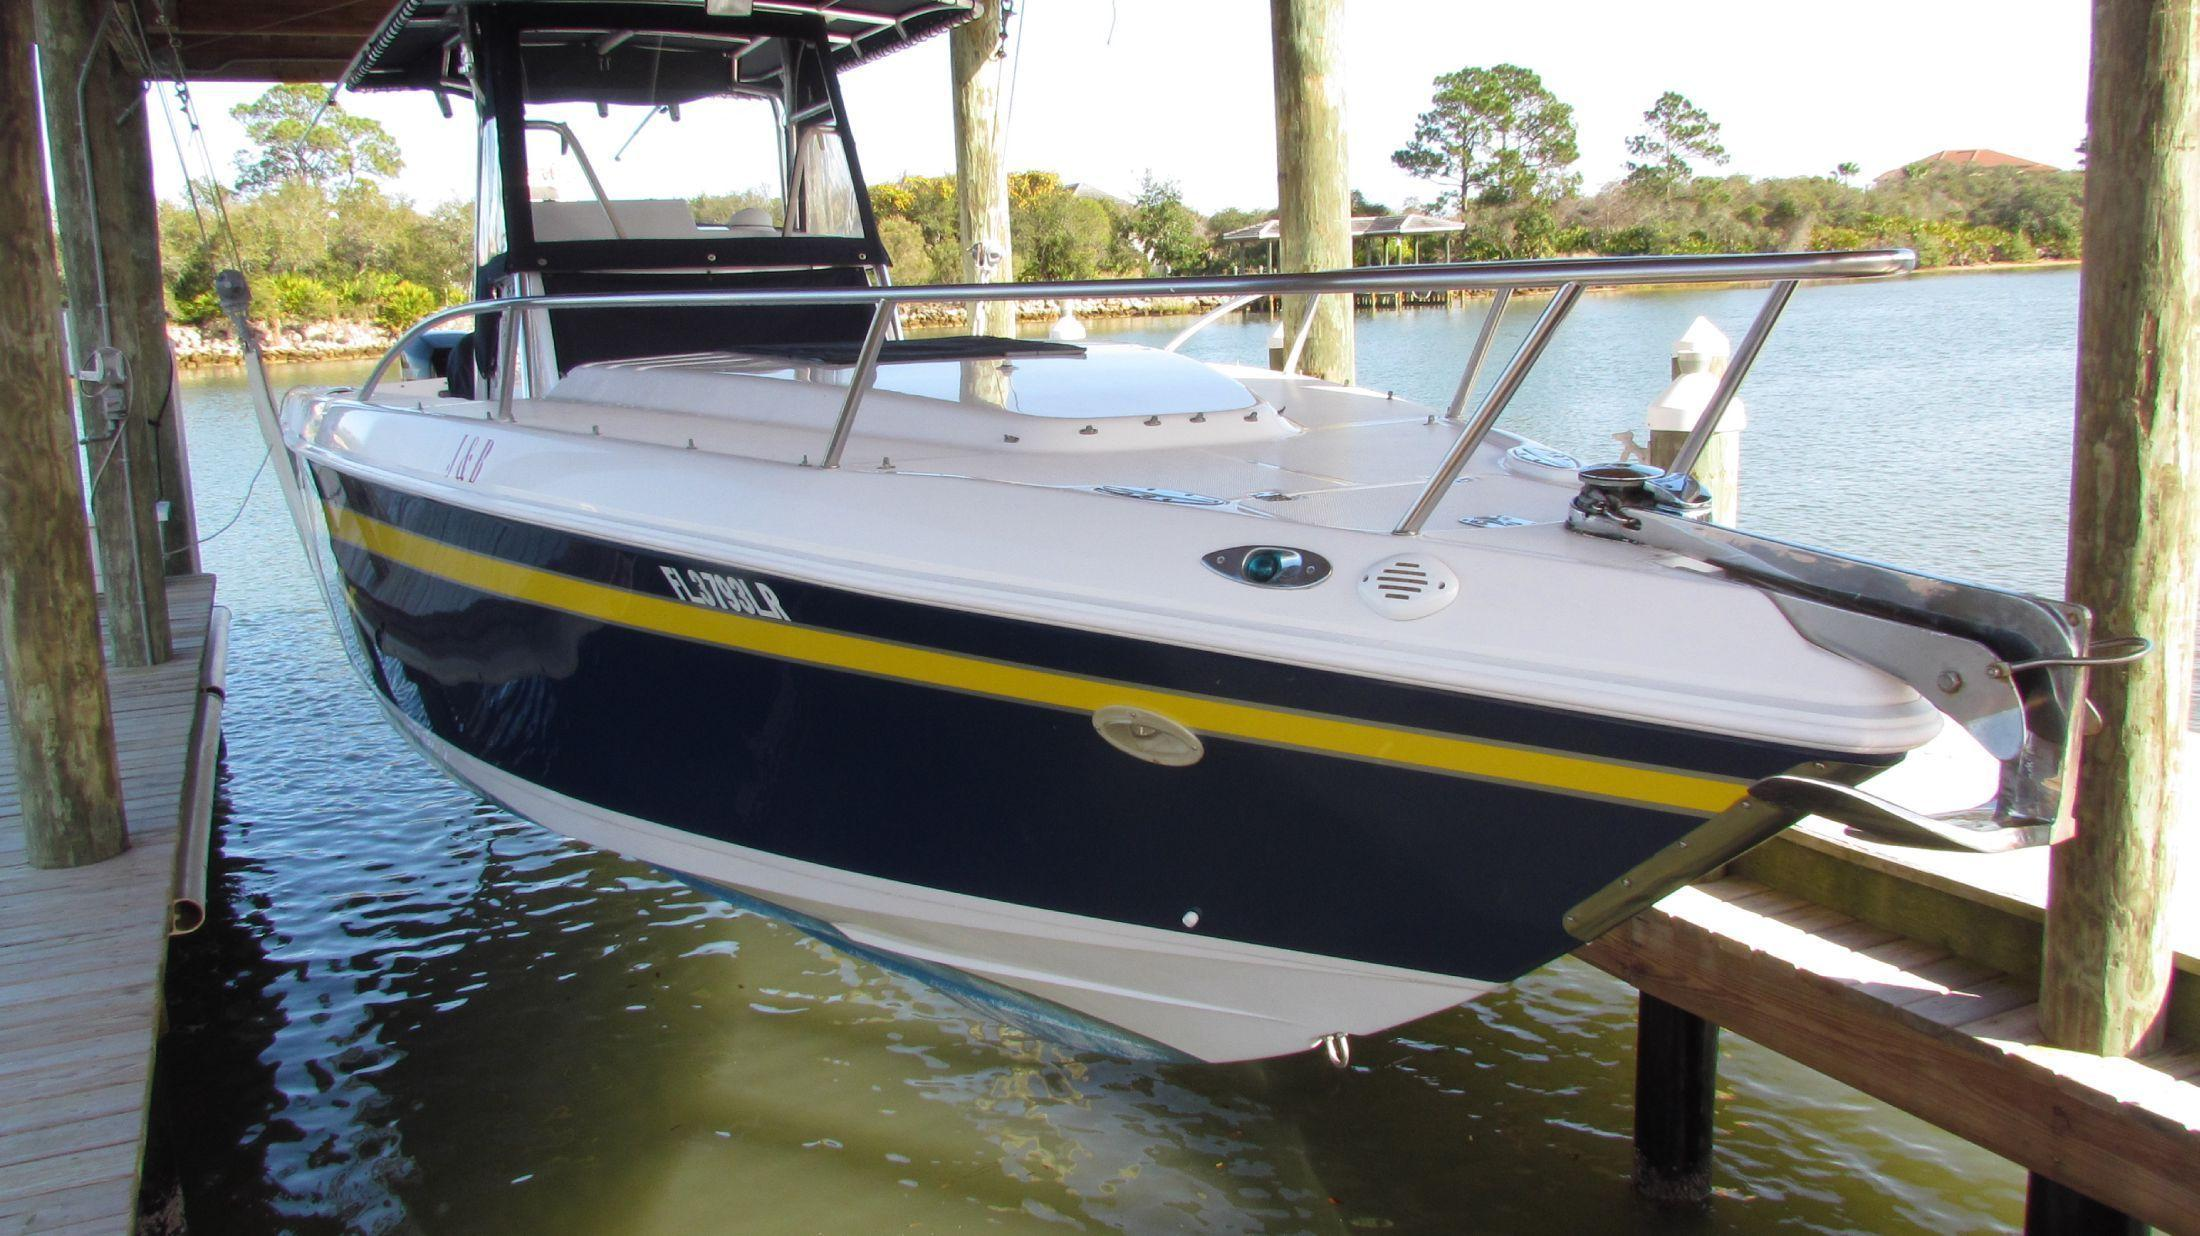 Donzi 35 Zf Daytona - Brick7 Boats